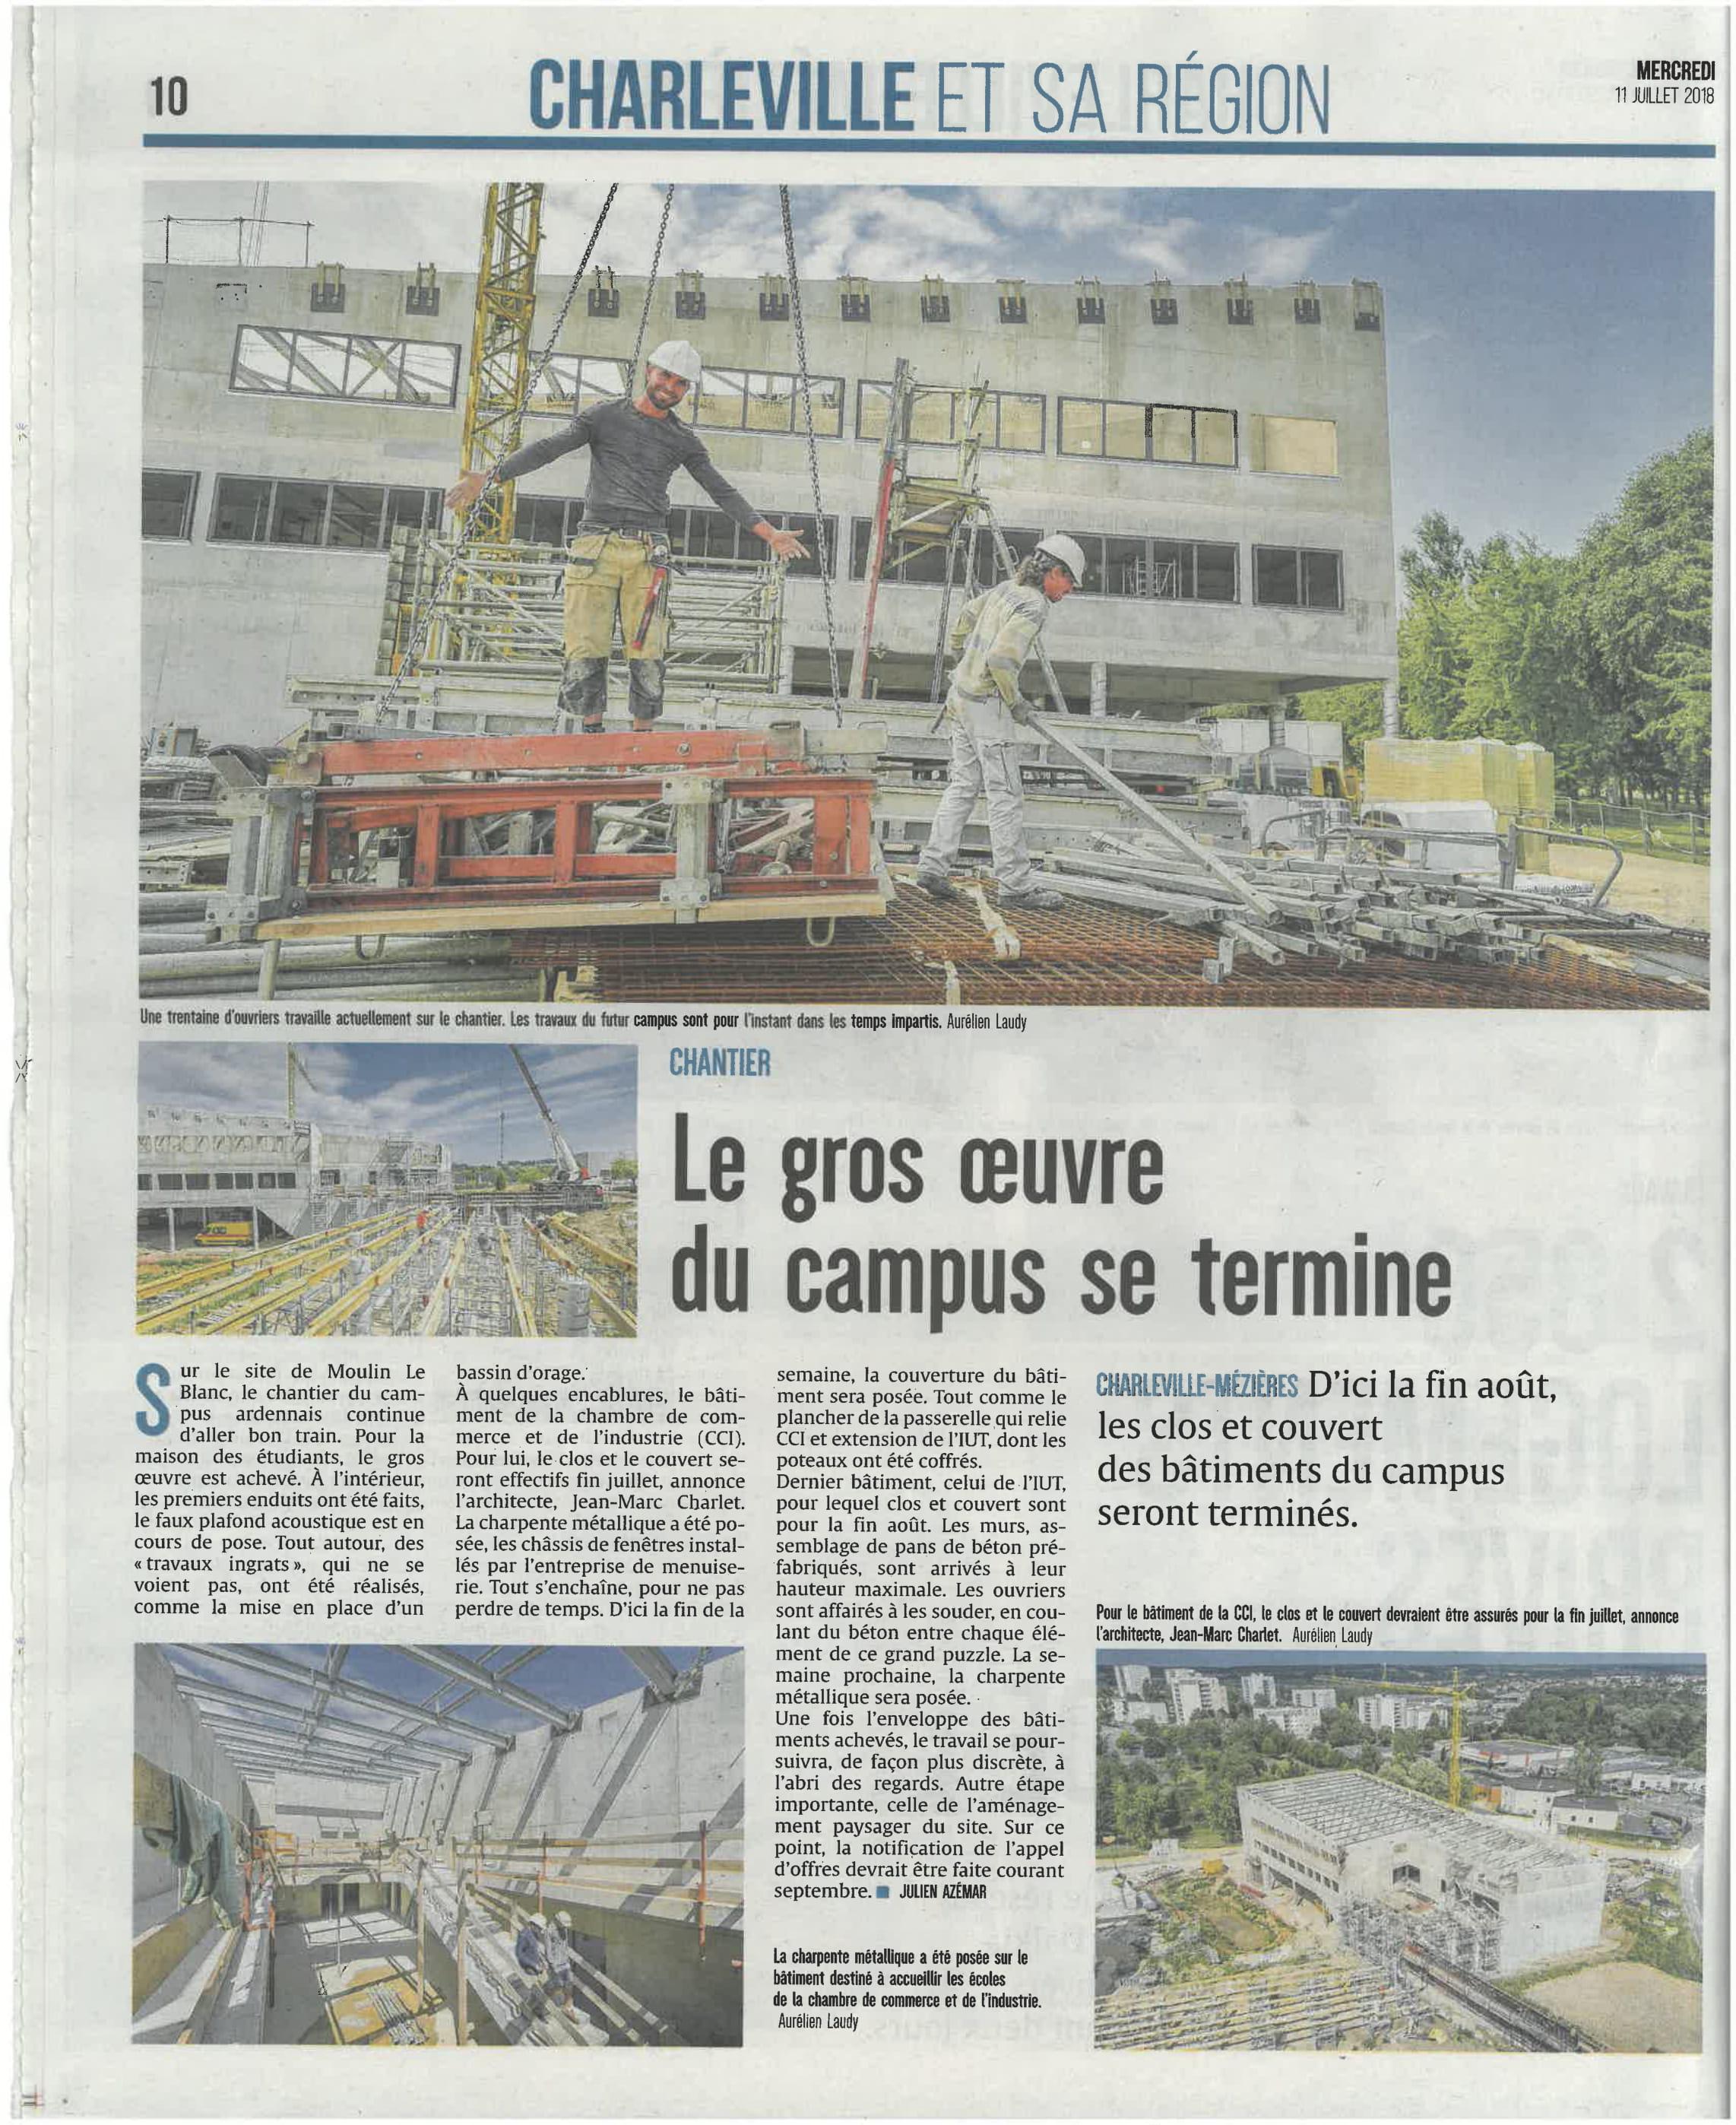 L'ARDENNAIS_Page 10 du 11072018-1